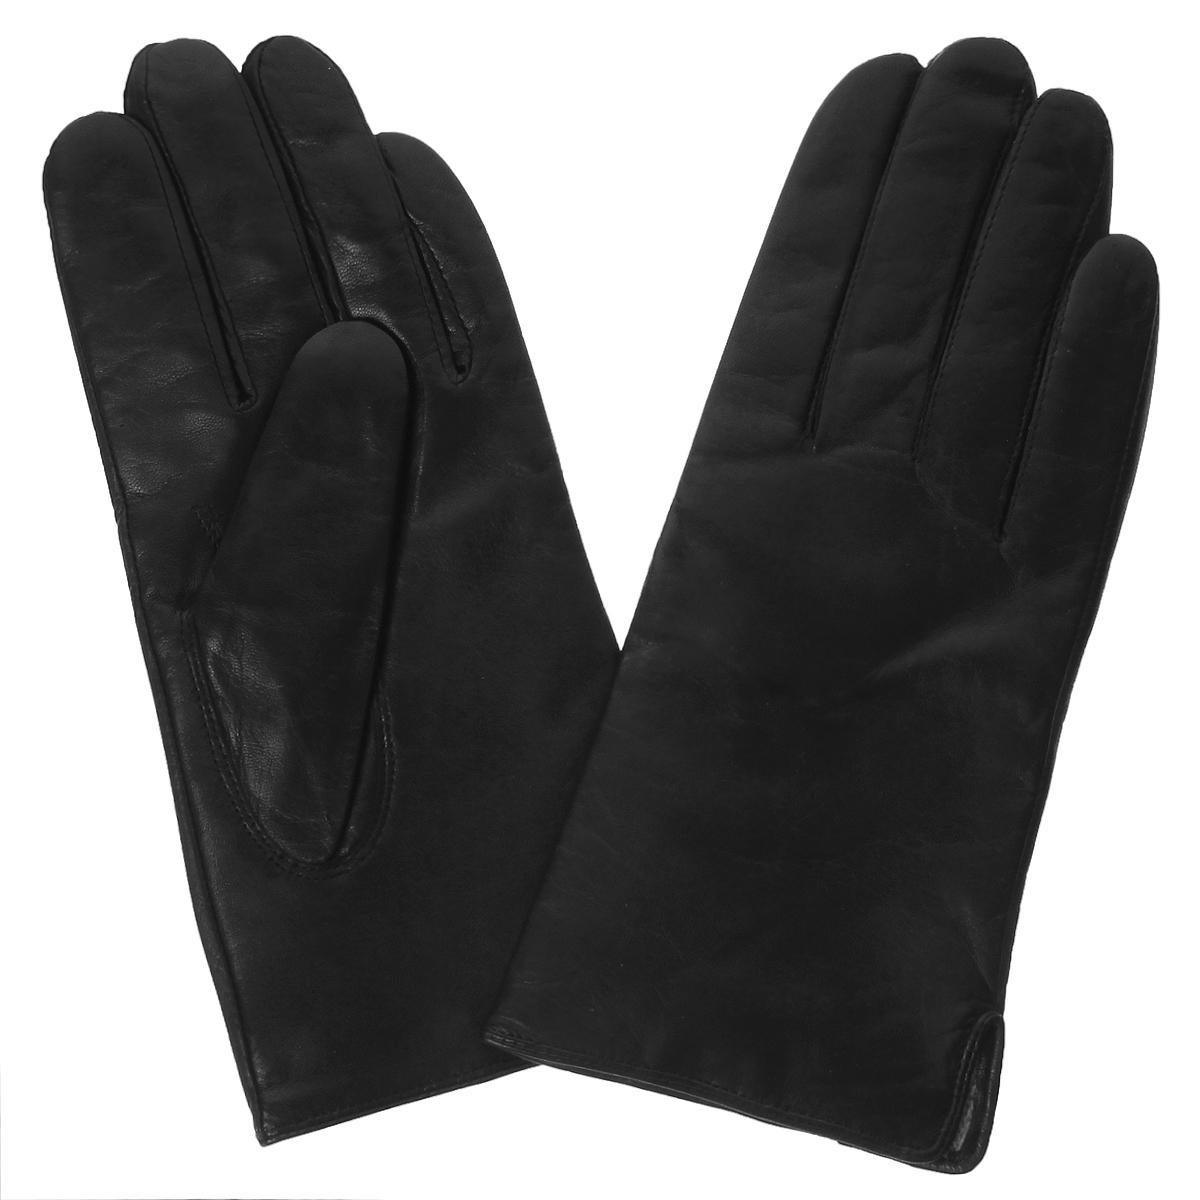 Перчатки мужские. W1113W1113/10Стильные мужские перчатки Baggini не только защитят ваши руки от холода, но и станут великолепным украшением. Перчатки выполнены из чрезвычайно мягкой и приятной на ощупь натуральной кожи на шерстяной подкладке. В настоящее время перчатки являются неотъемлемой принадлежностью одежды. Перчатки станут завершающим и подчеркивающим элементом вашего стиля и неповторимости.